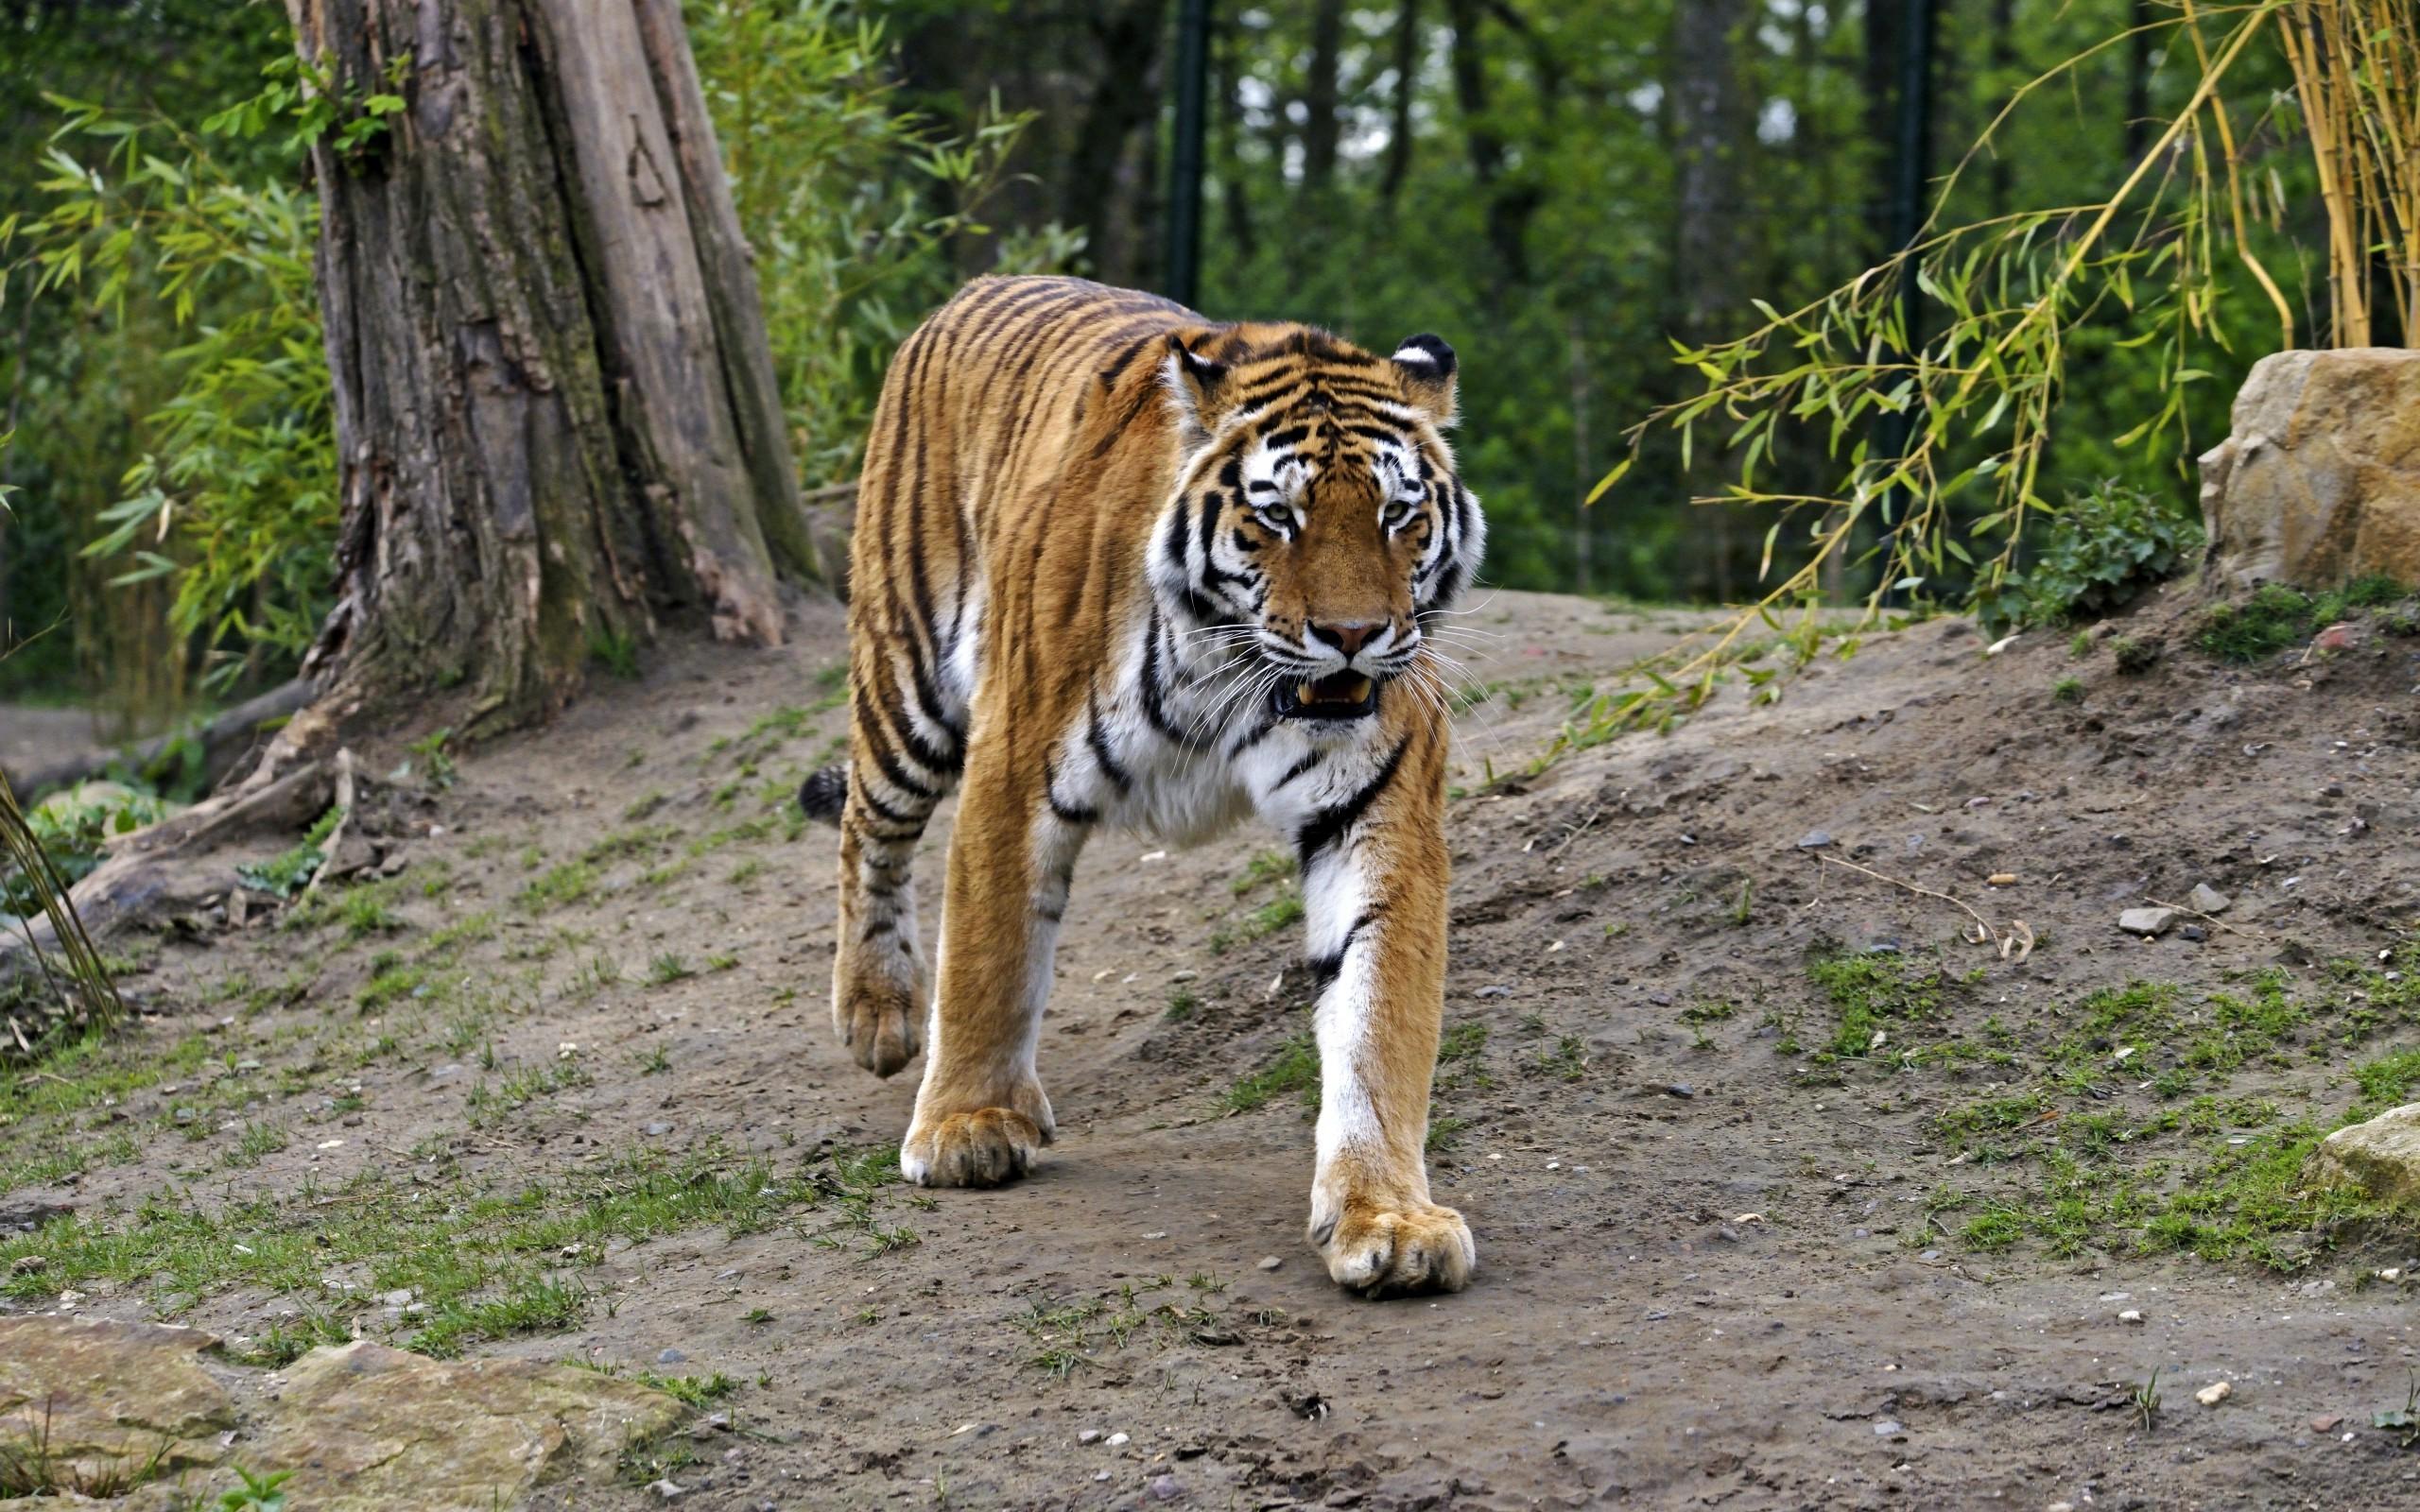 Wallpaper : forest, animals, grass, tiger, wildlife